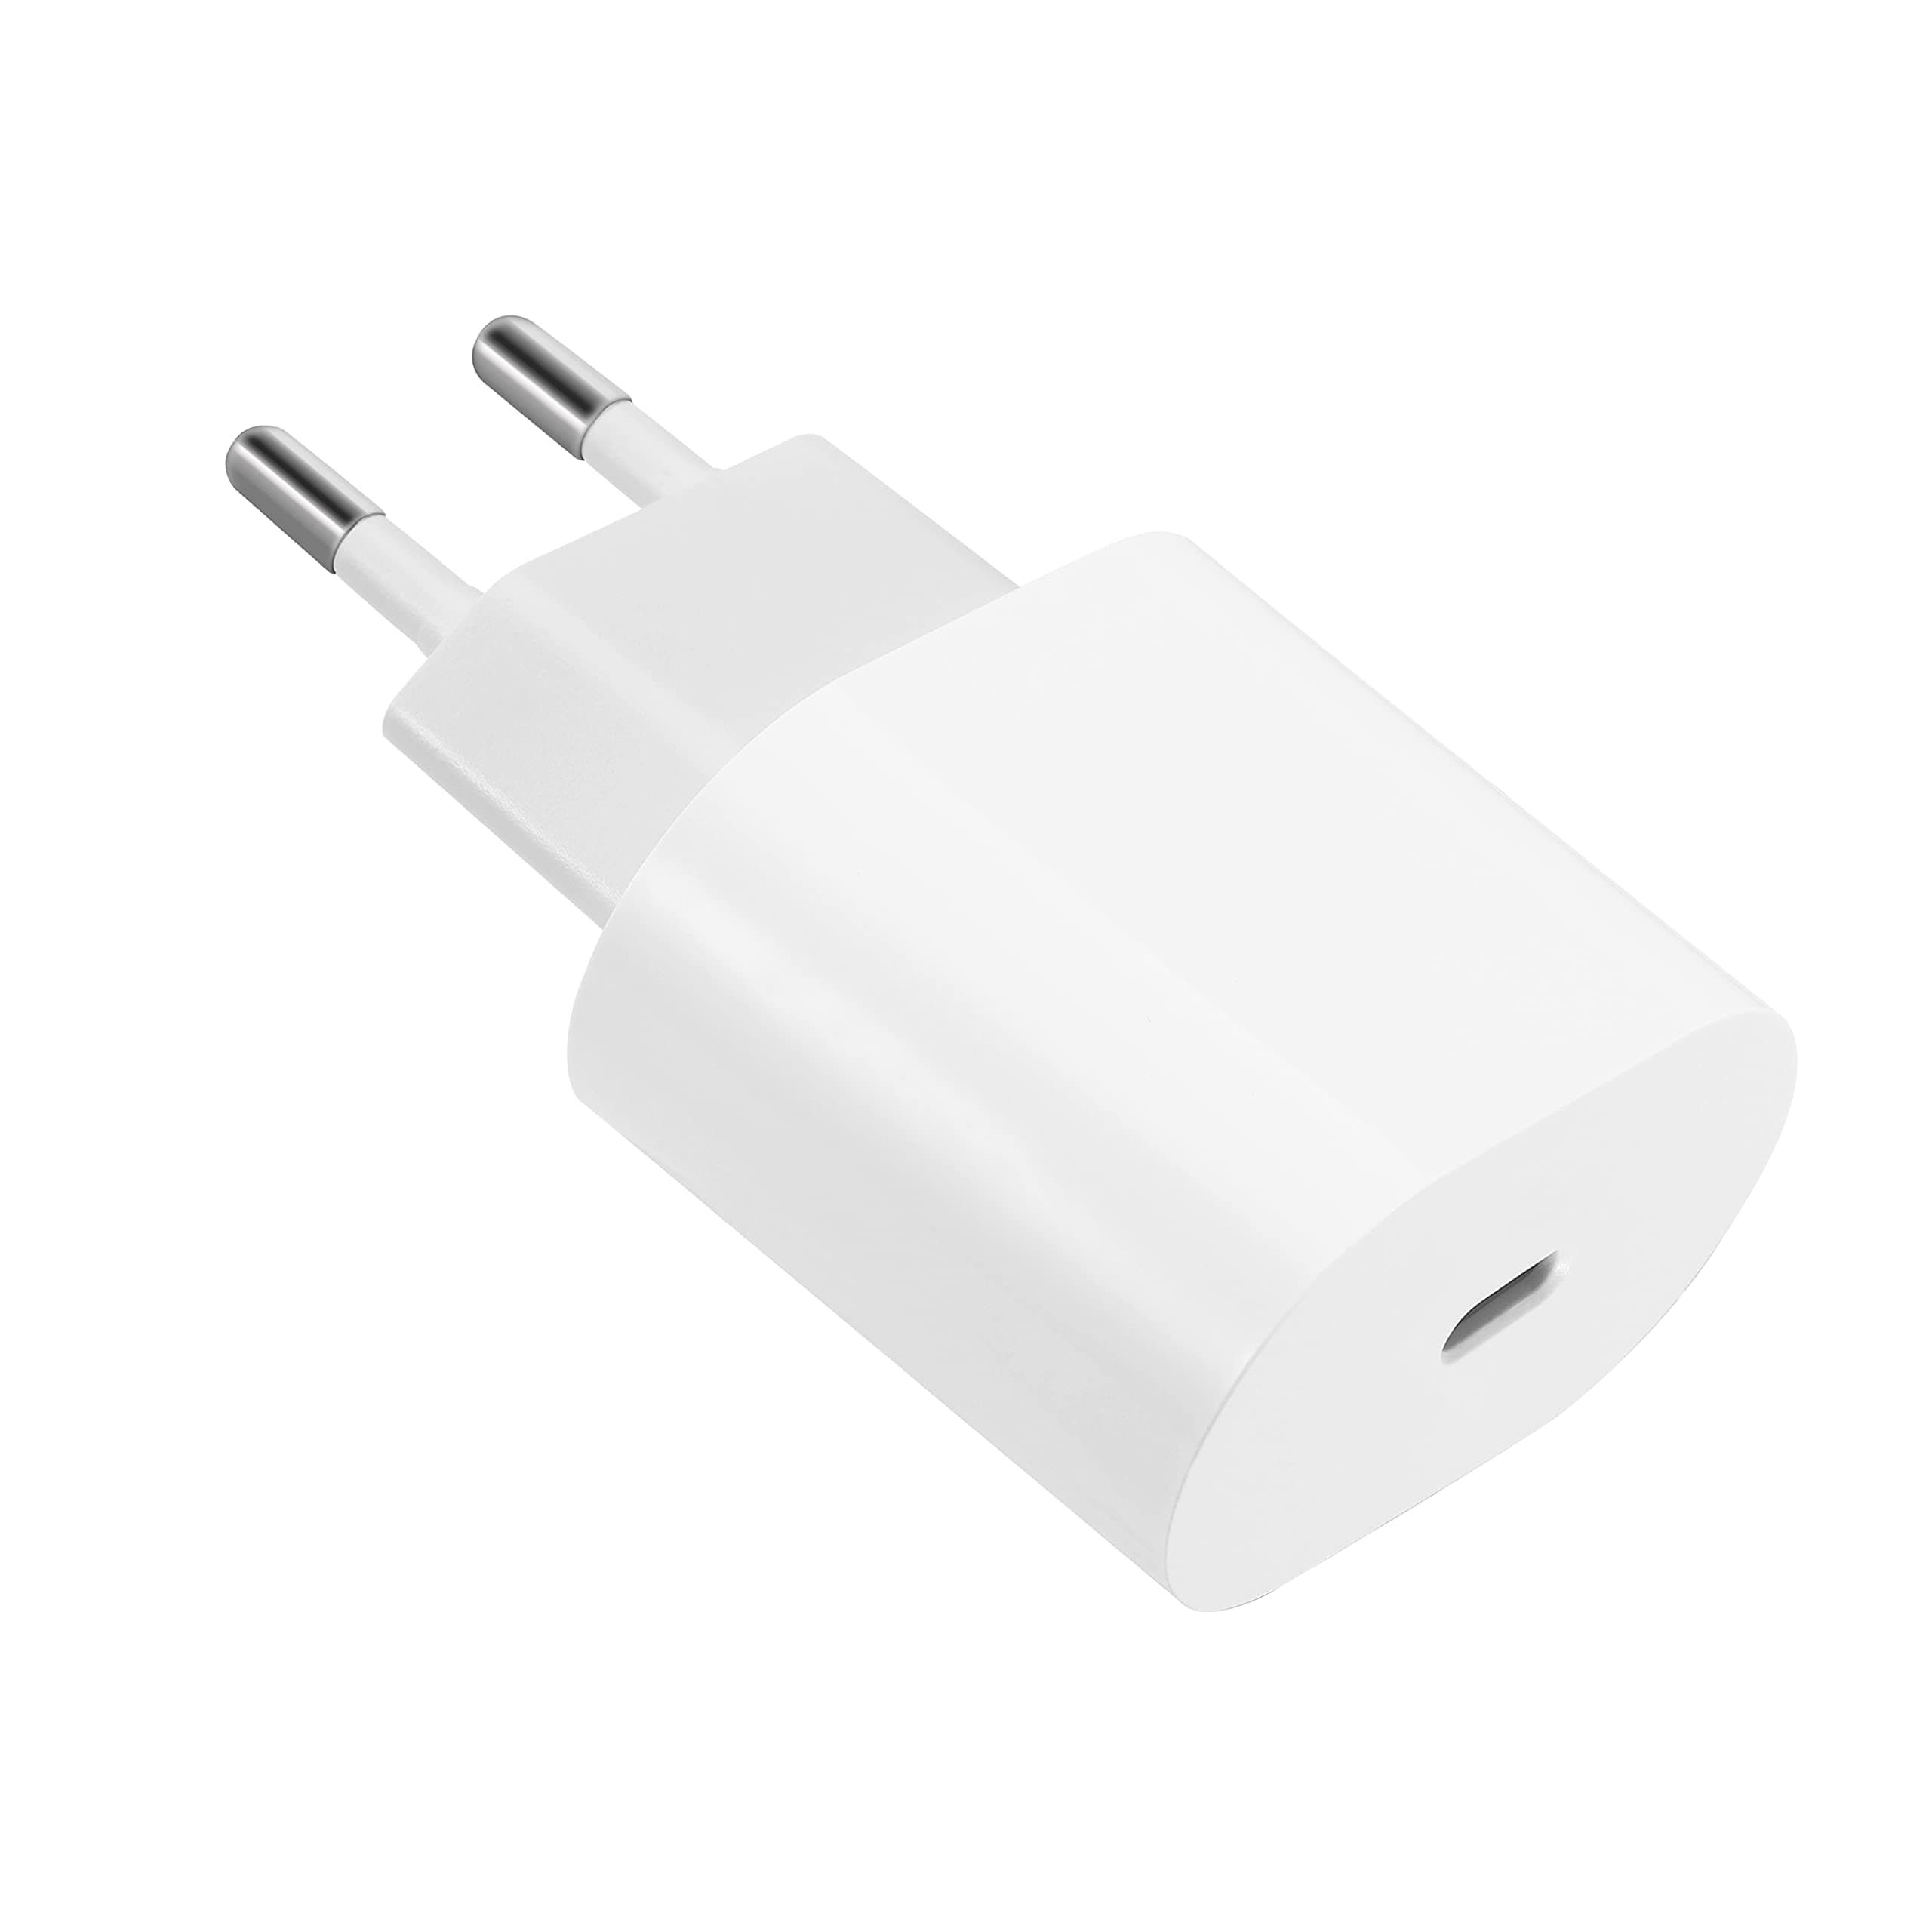 20 W USB-C Güç Adaptörü(Hızlı Şarj)